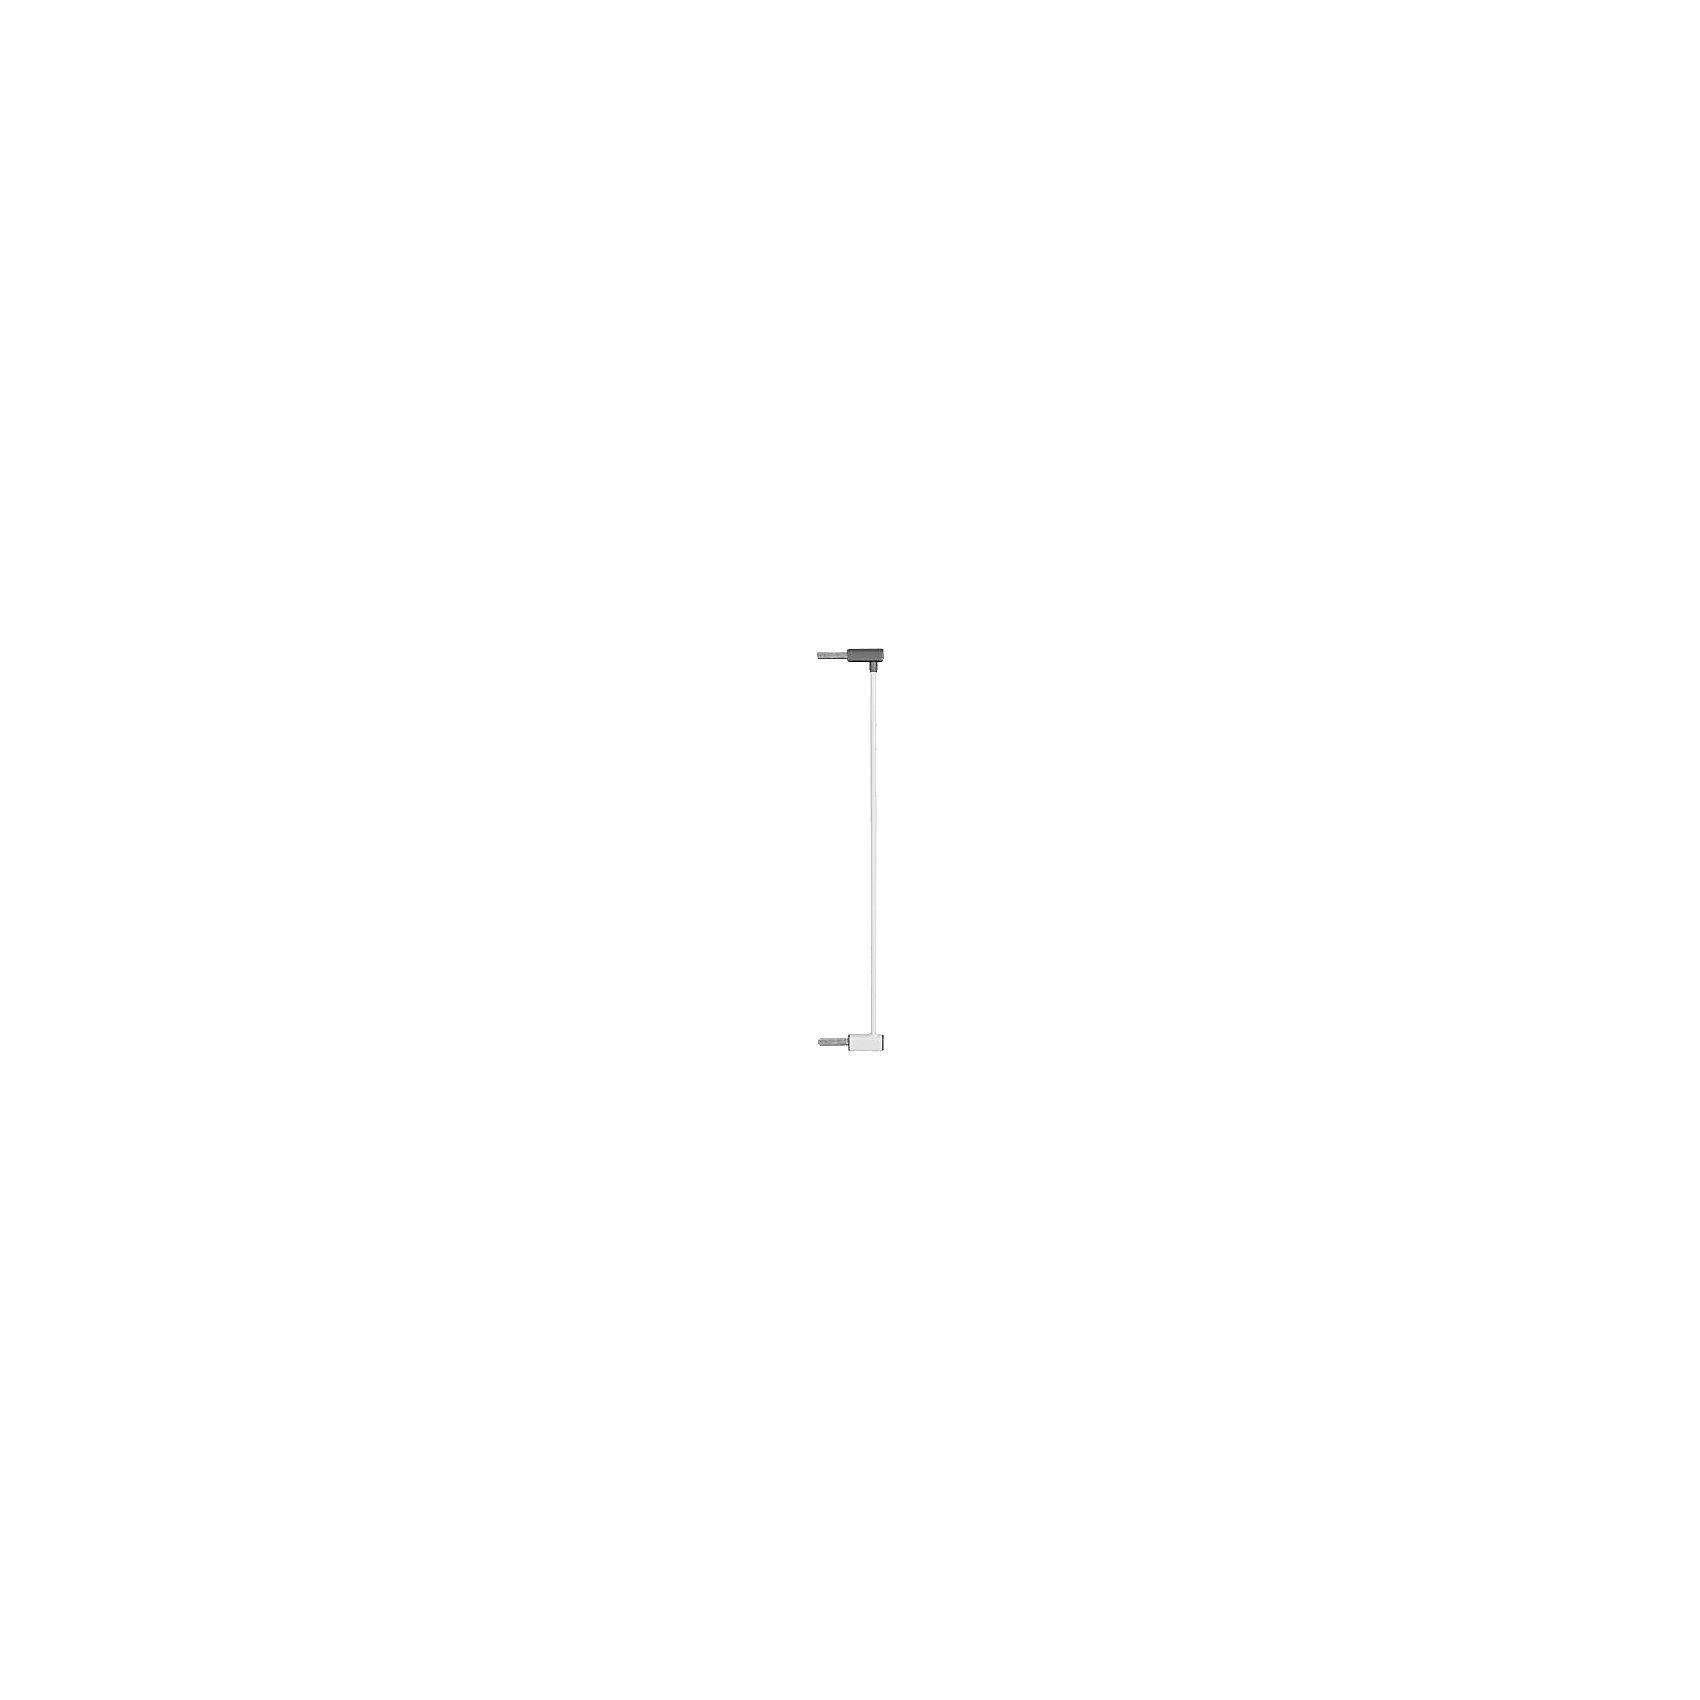 Reer Verlängerung 7 cm für reer-Klemmgitter weiss